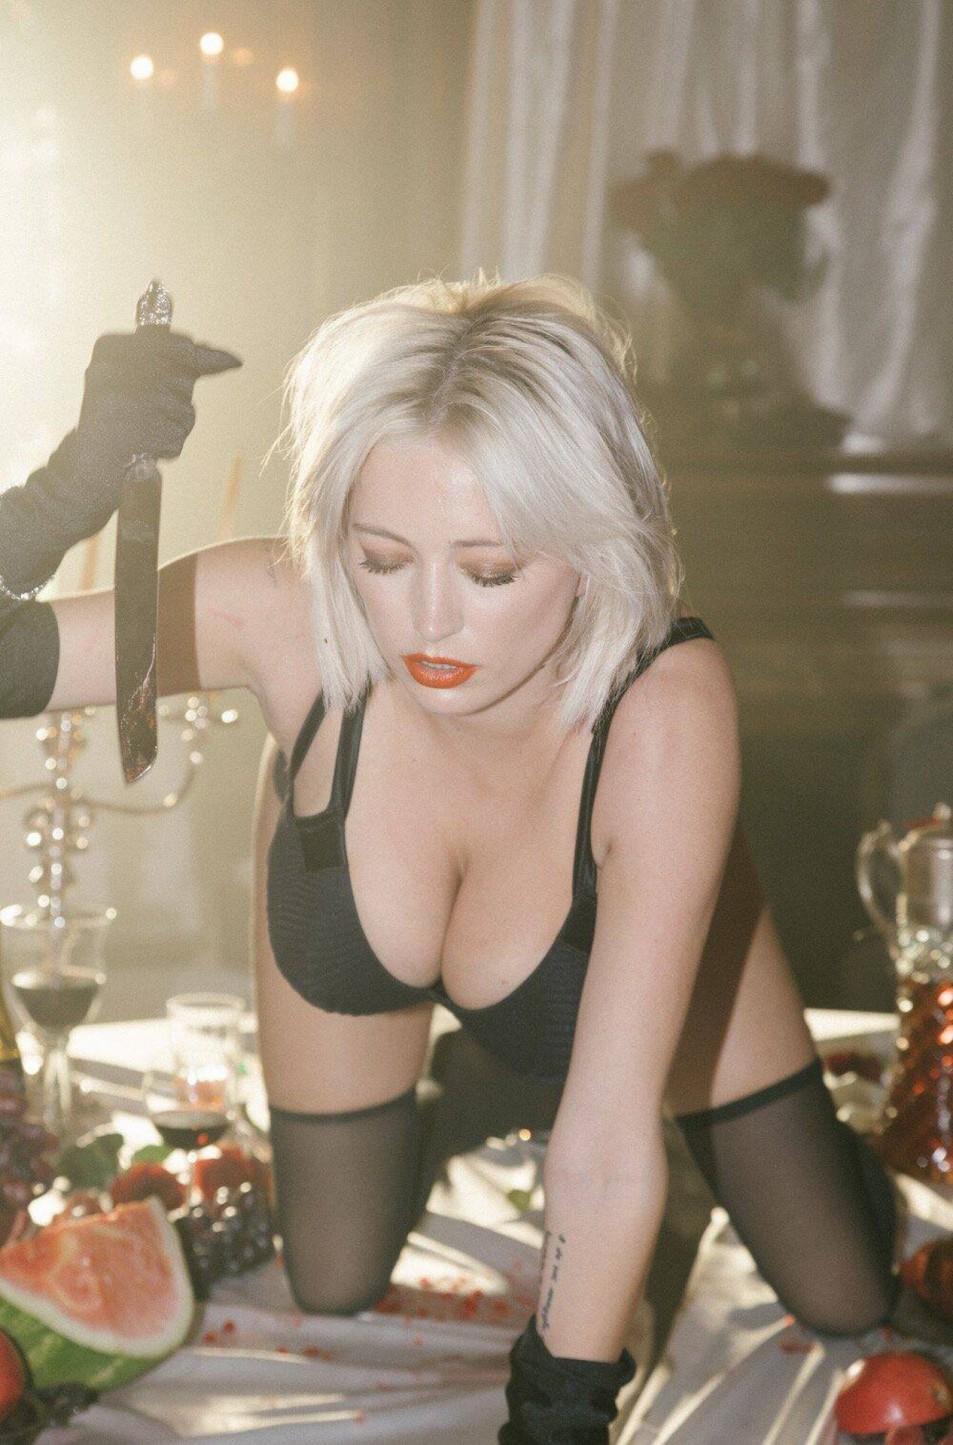 Caroline-Vreeland-Black-Lingerie-3.jpg